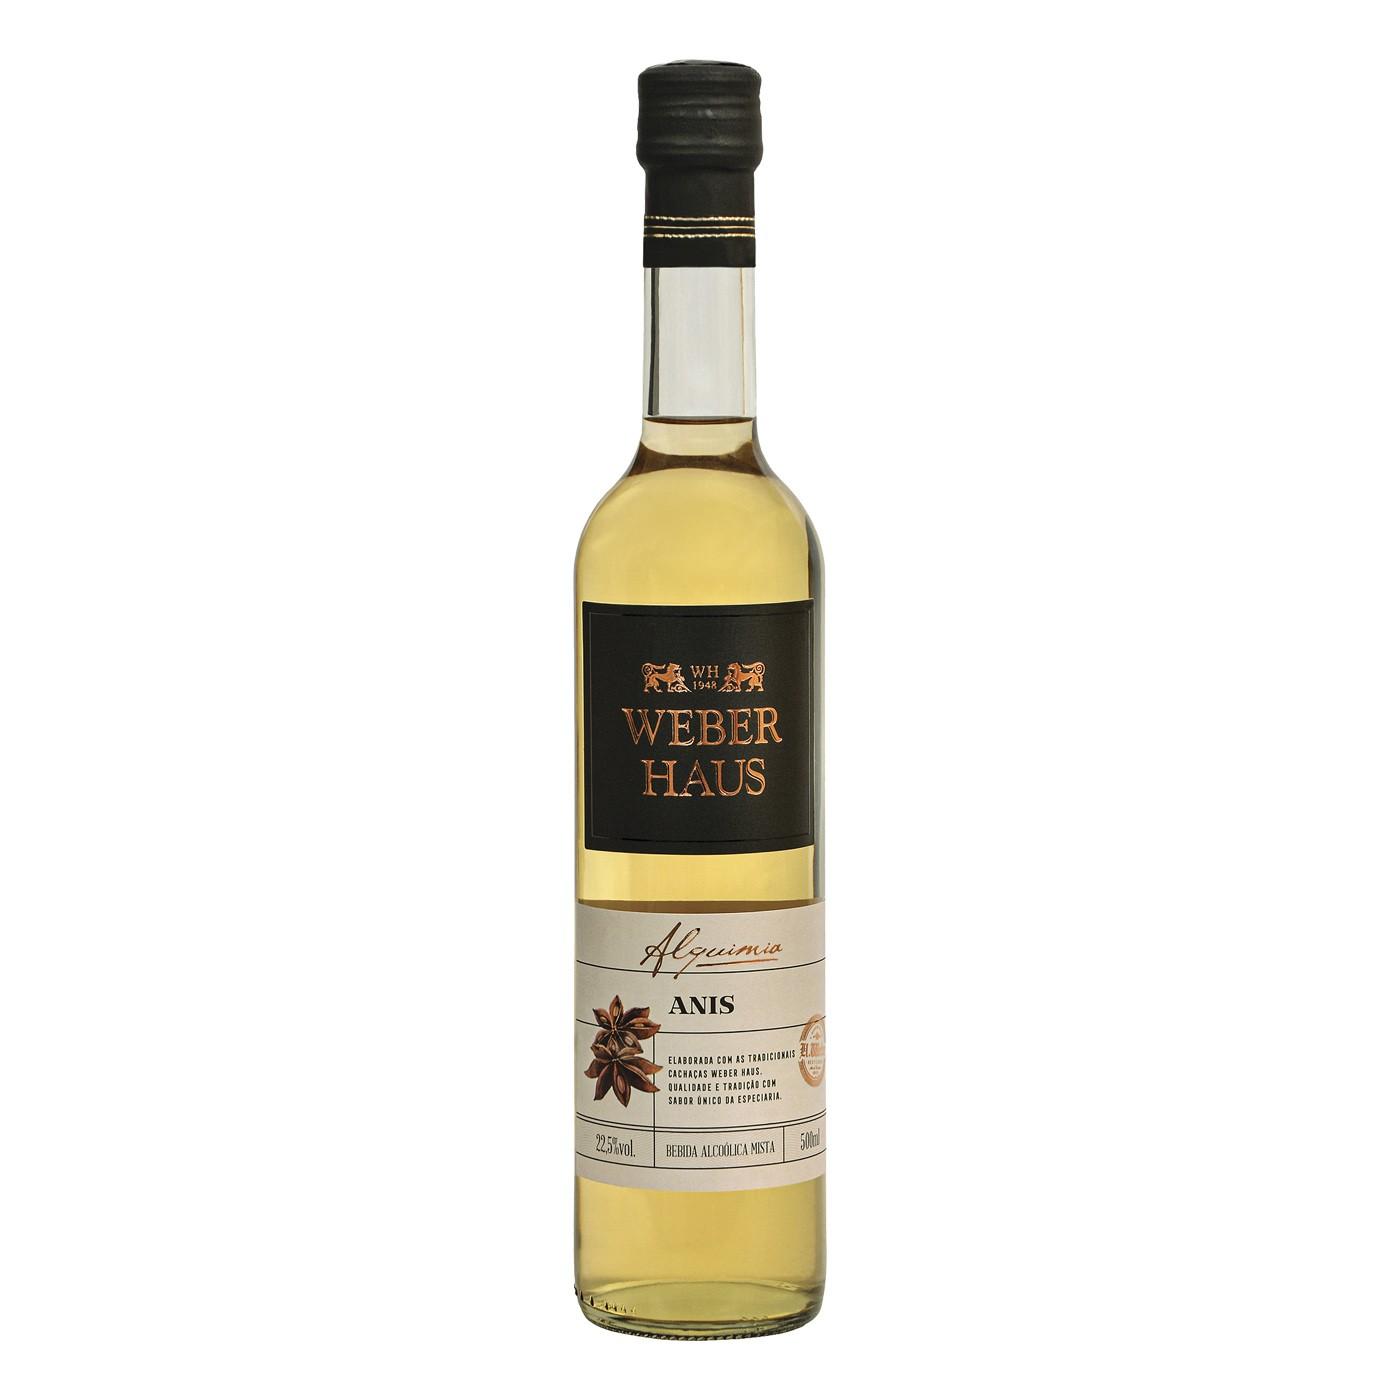 Bebida Mista de Anis Weber Haus - 500ml